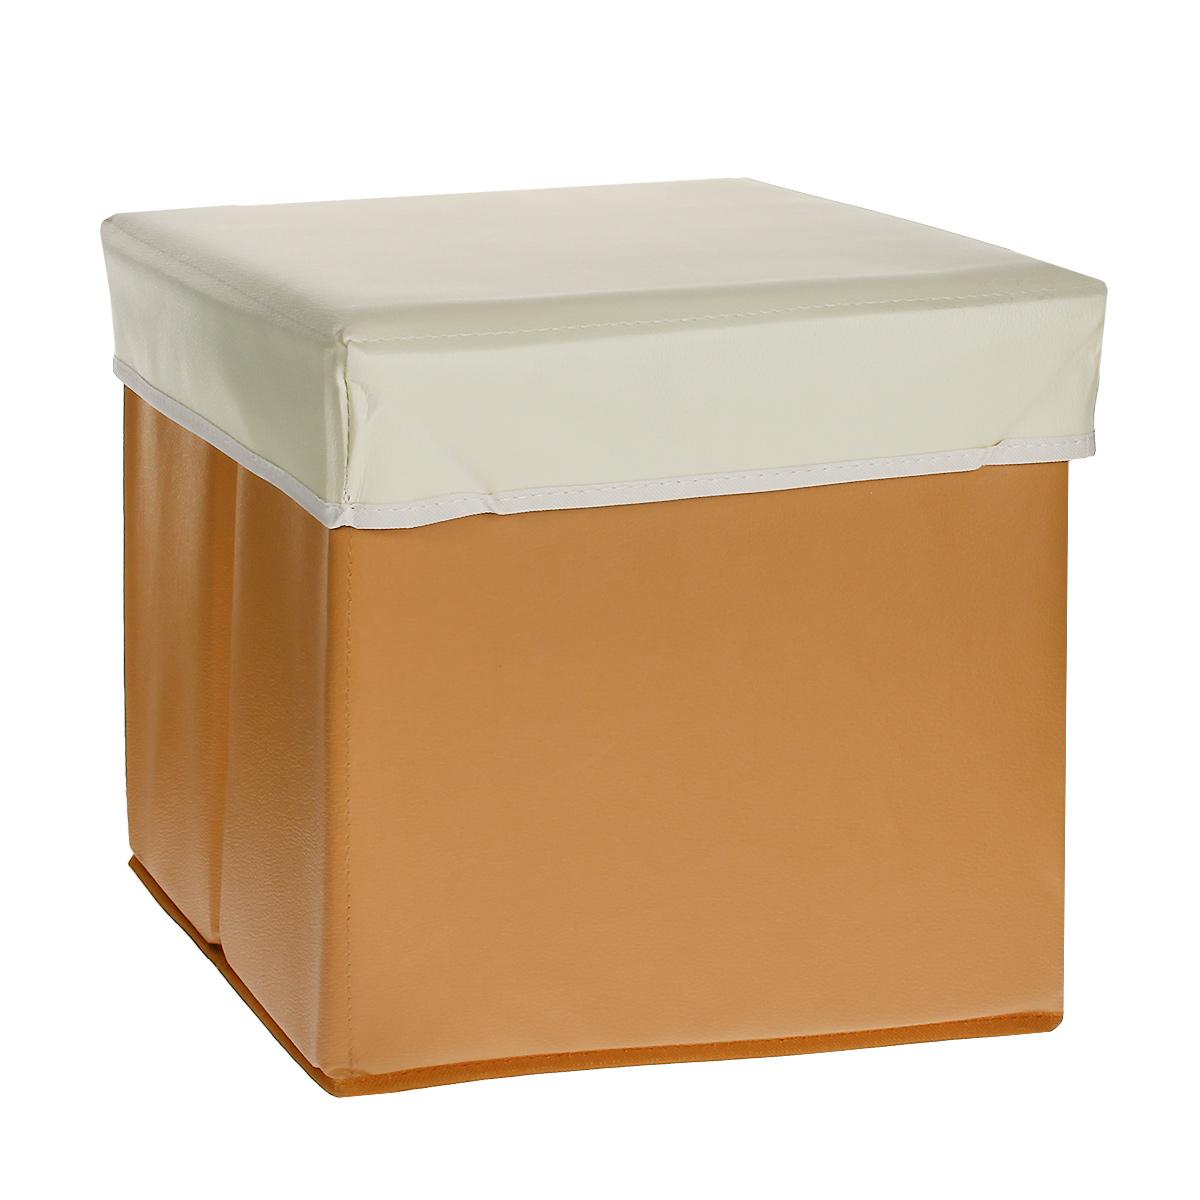 Пуфик складной Bradex Короб, цвет: коричневый, бежевыйTD 0020Пуфик складной Bradex Короб, выполненный из текстиля, искусственной кожи и МДФ, станет отличным подарком на новоселье и другие праздники. Ведь это действительно полезная в доме вещь, особенно для тех, кто ценит минимализм в интерьере и многофункциональность при компактности. Пуфик складной Bradex Короб может выполнять сразу две функции: - служить достаточно вместительным складом для косметики, книг, канцелярских мелочей; - использоваться как удобный пуф-стул для гостей. Оригинальная приятная глазу расцветка складного пуфика подойдет к любому стилю интерьера и будет гармонировать с абсолютно любой мебелью, цветом стен и так далее. Пуфик складной Bradex Короб - незаменимая вещь в поездке! В складном состоянии пуфик занимает минимум пространства и легко поместится в багажной сумке или в автомобиле.